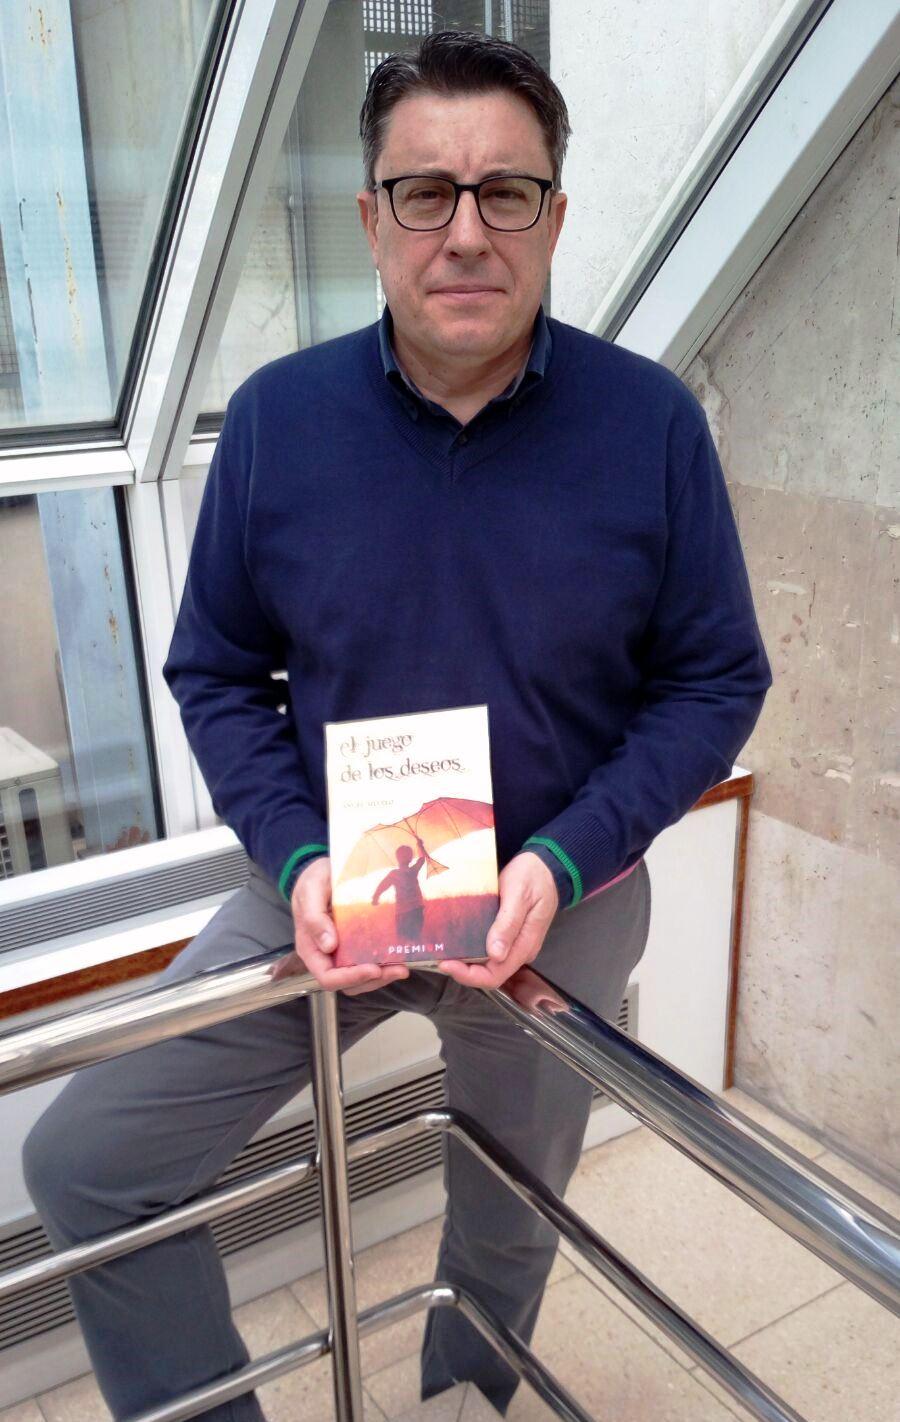 Ángel Silvelo Gabriel gana el XIV Certamen Literario Domingo Puente Marín